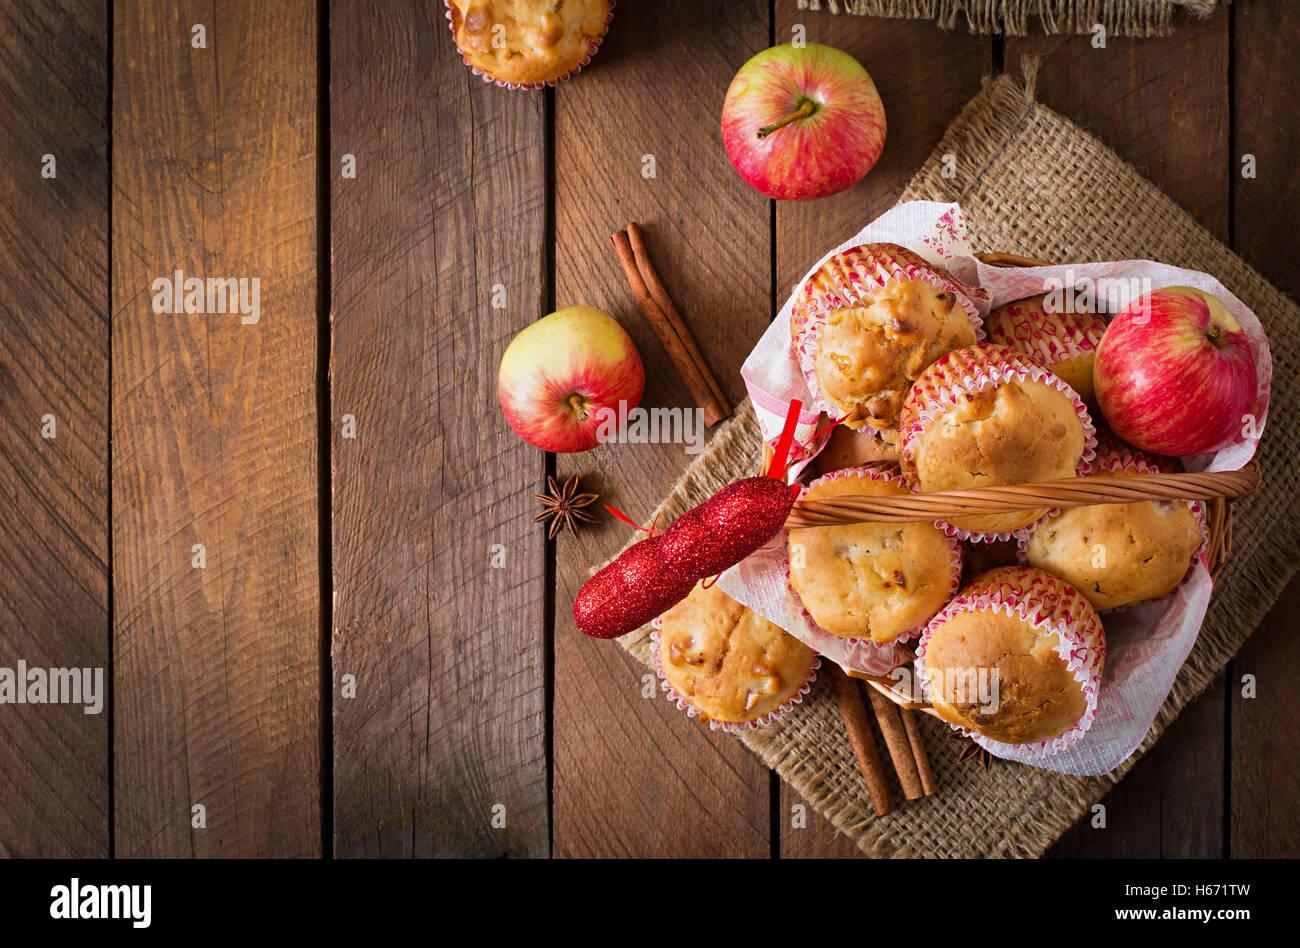 Muffins savoureux avec apple et la cannelle dans le panier sur un fond de bois. Vue d'en haut Photo Stock